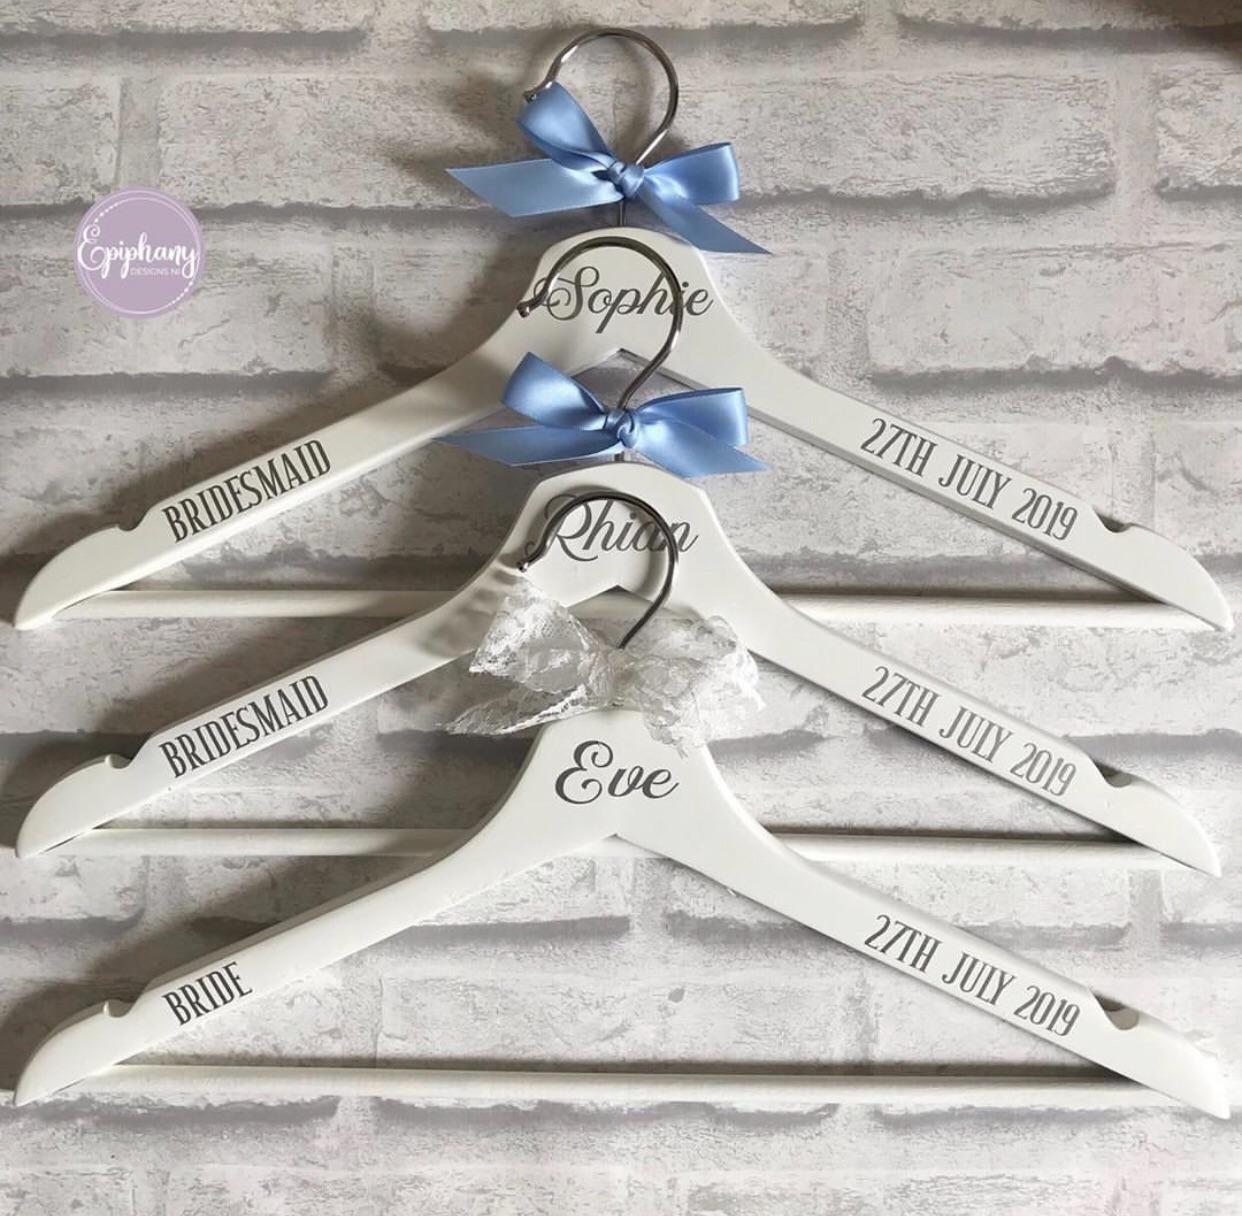 Silver foil print on White hanger